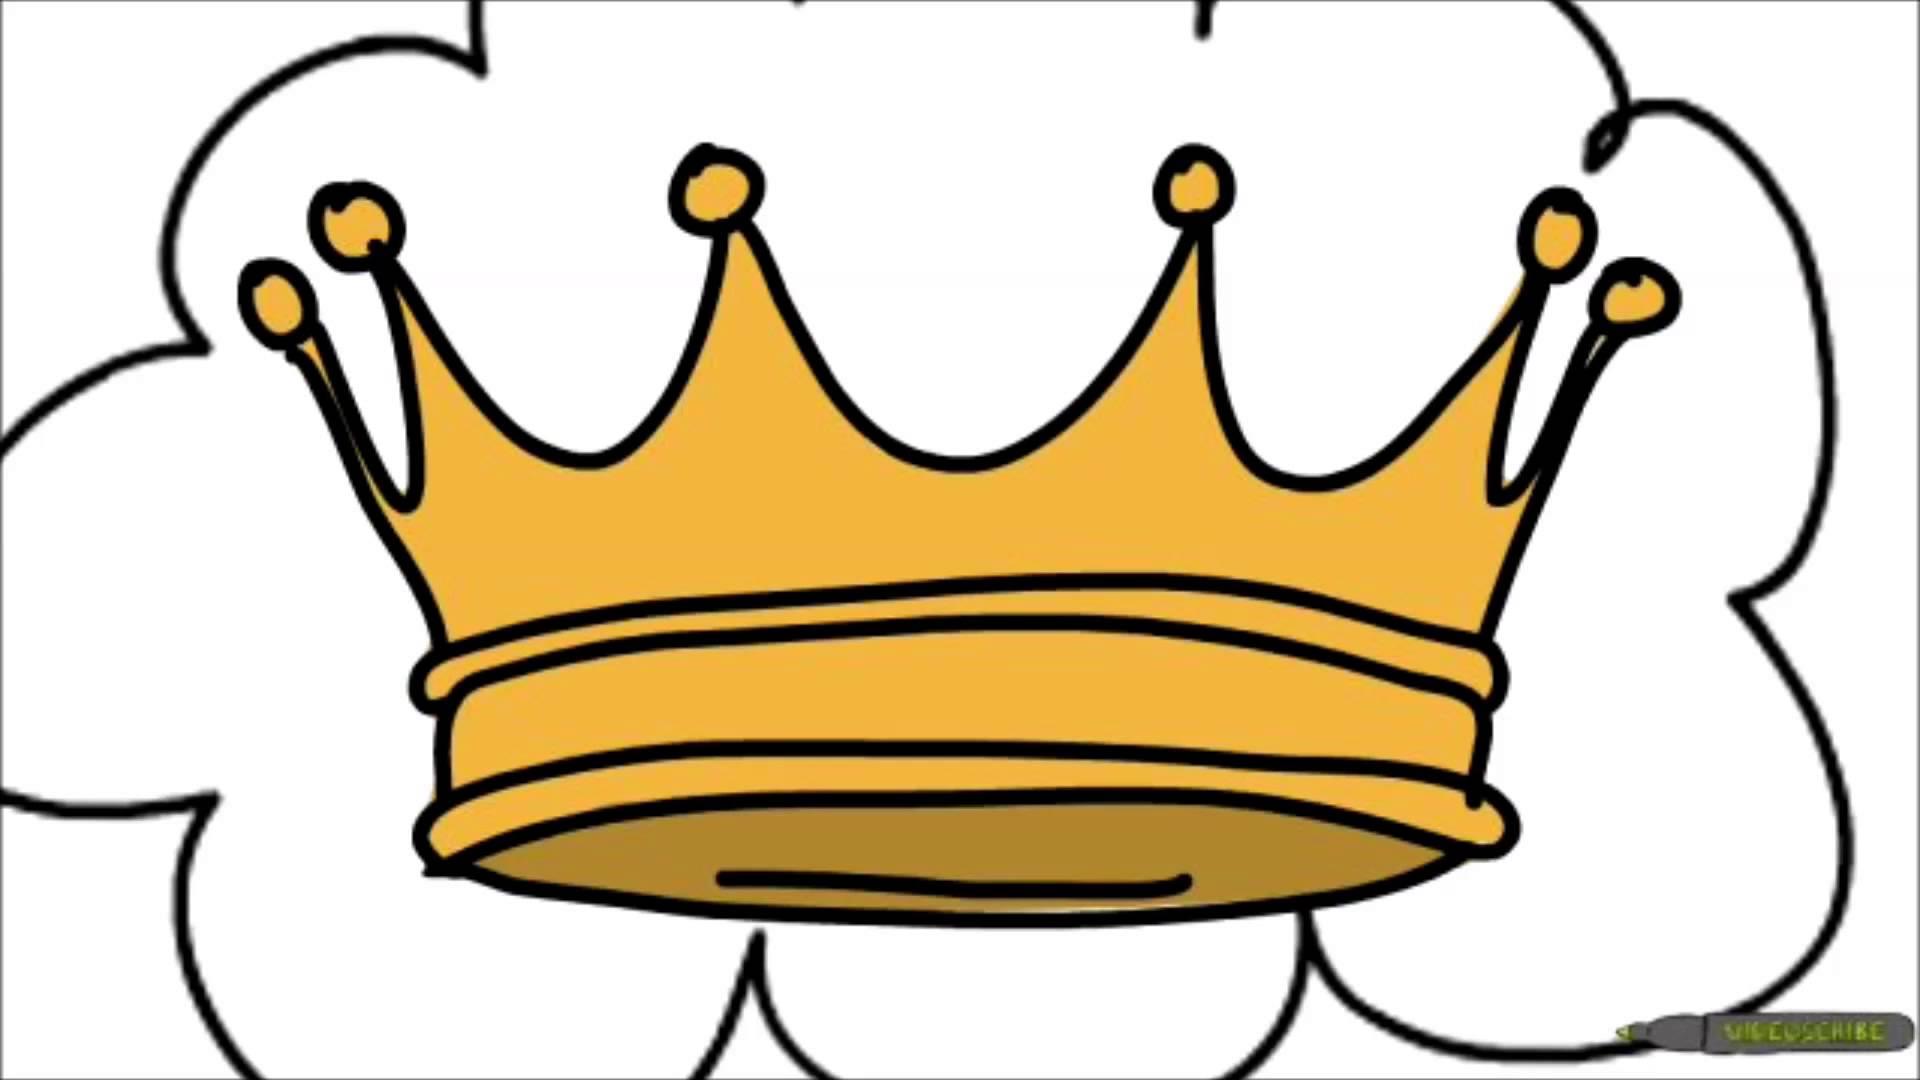 King Crown Drawing At Getdrawings